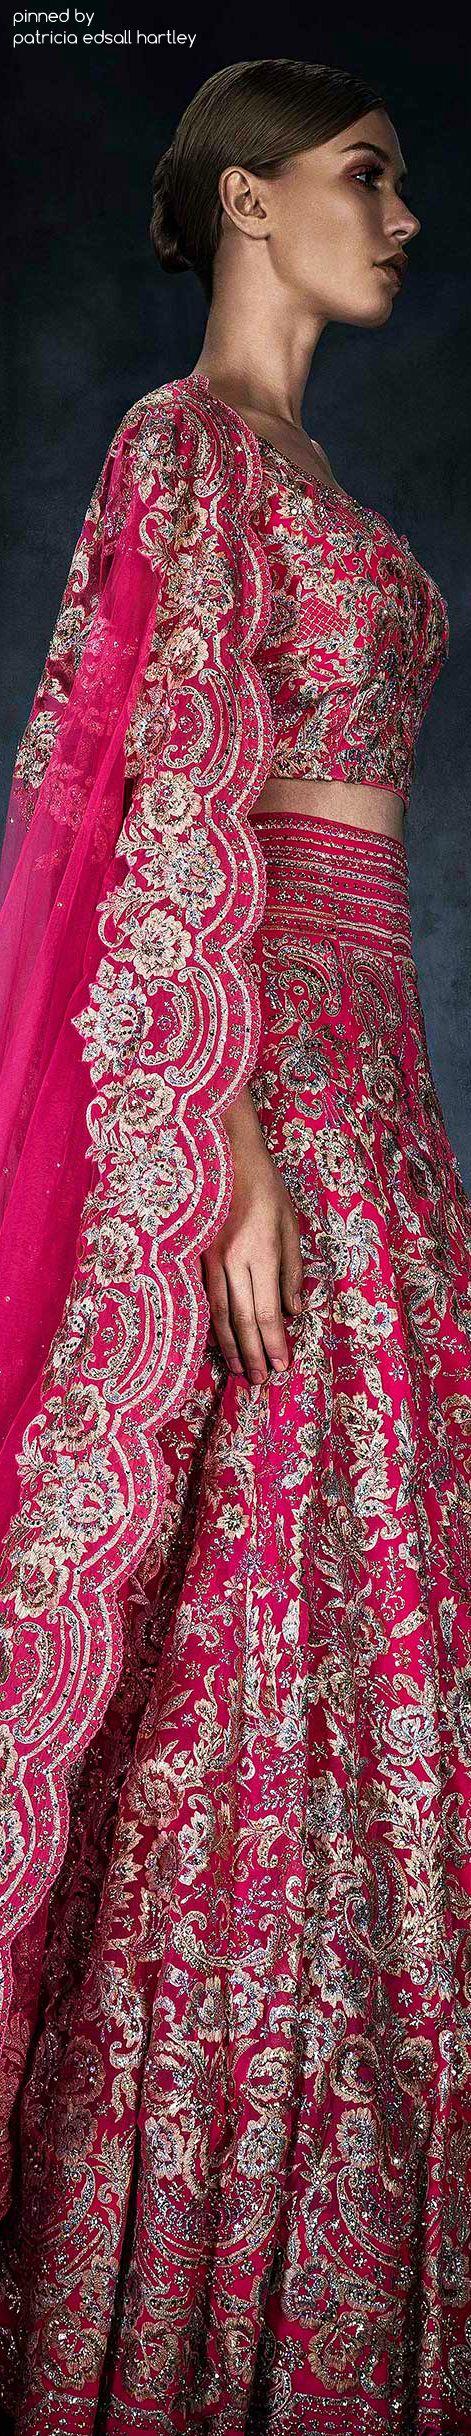 Mejores 93 imágenes de May Ball en Pinterest | Moda india, Indio y ...